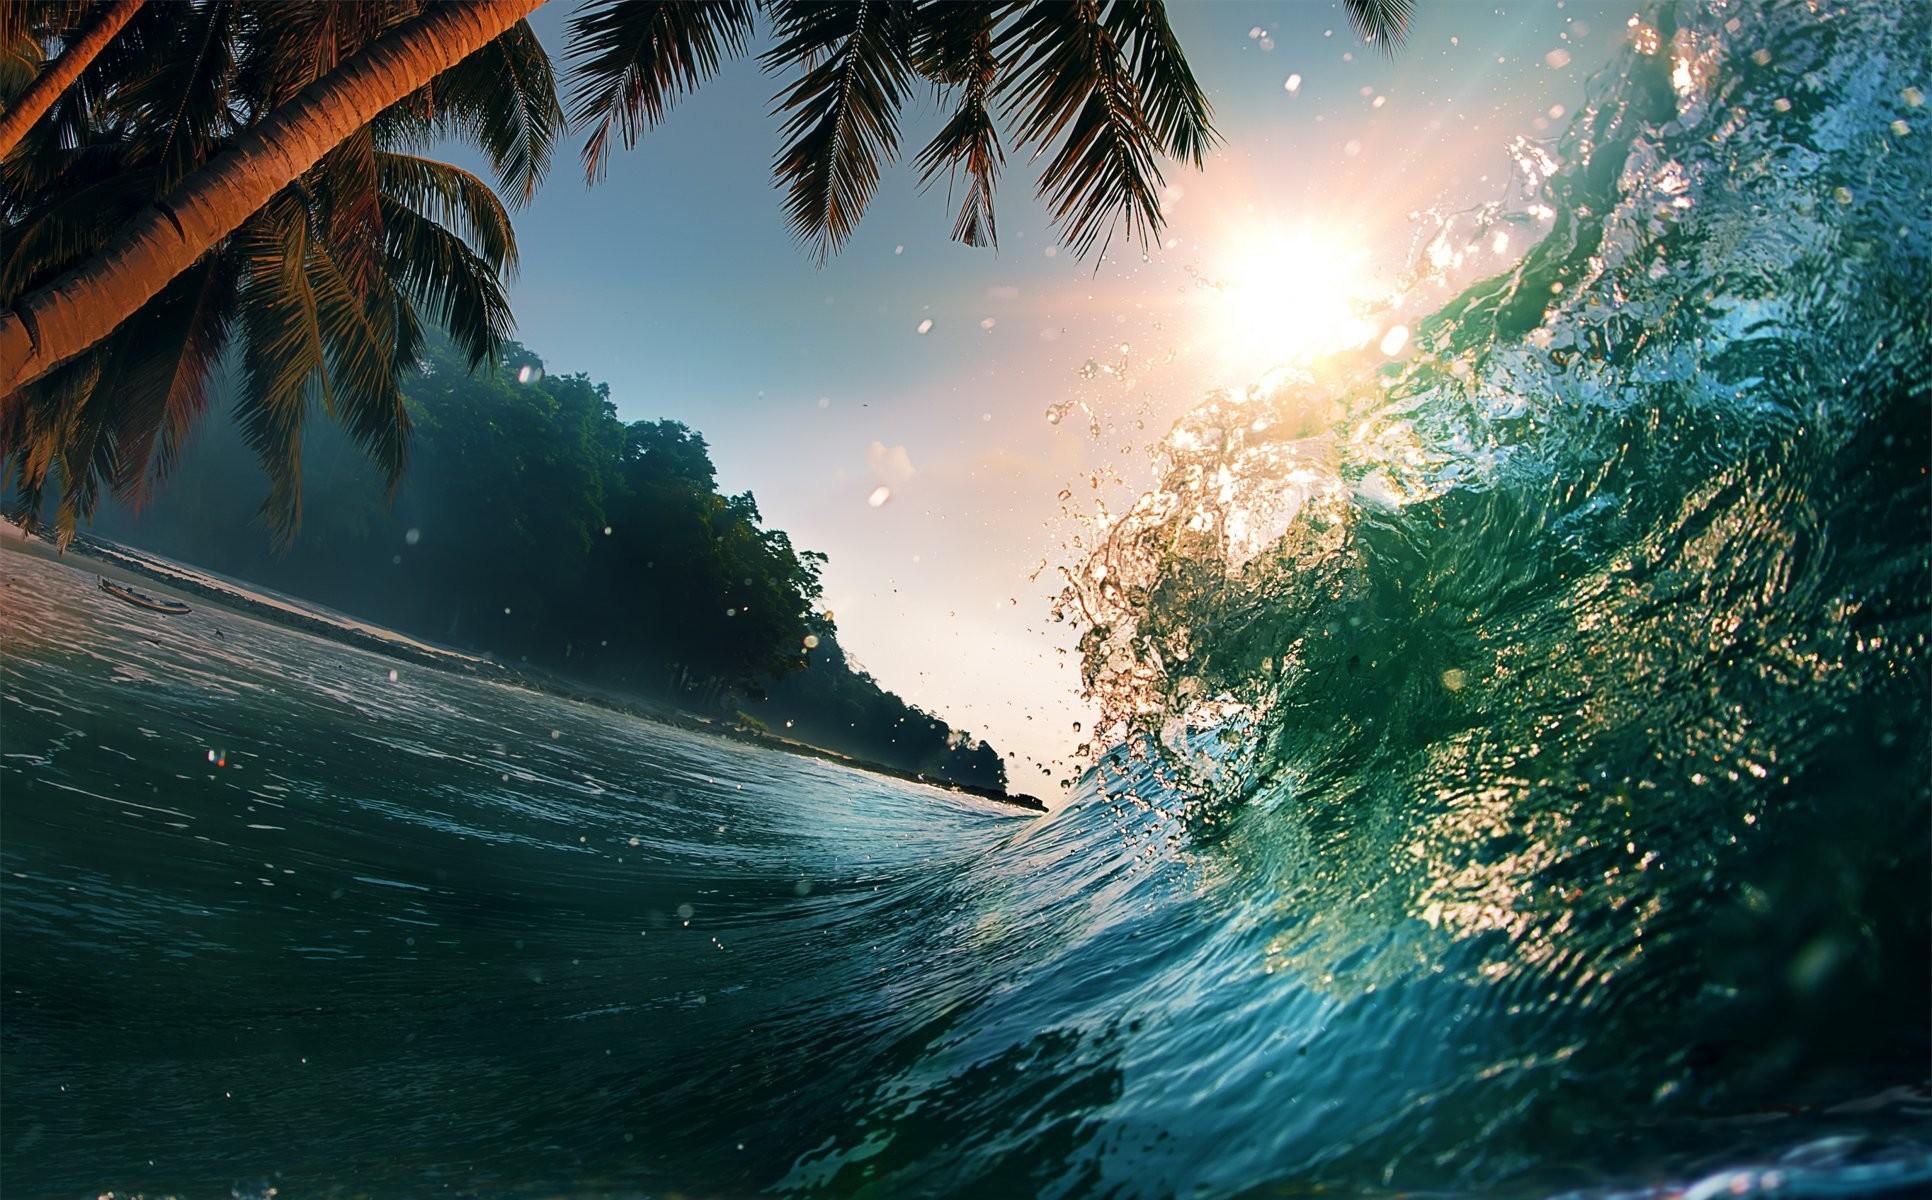 ocean scenes wallpaper (50+ images)